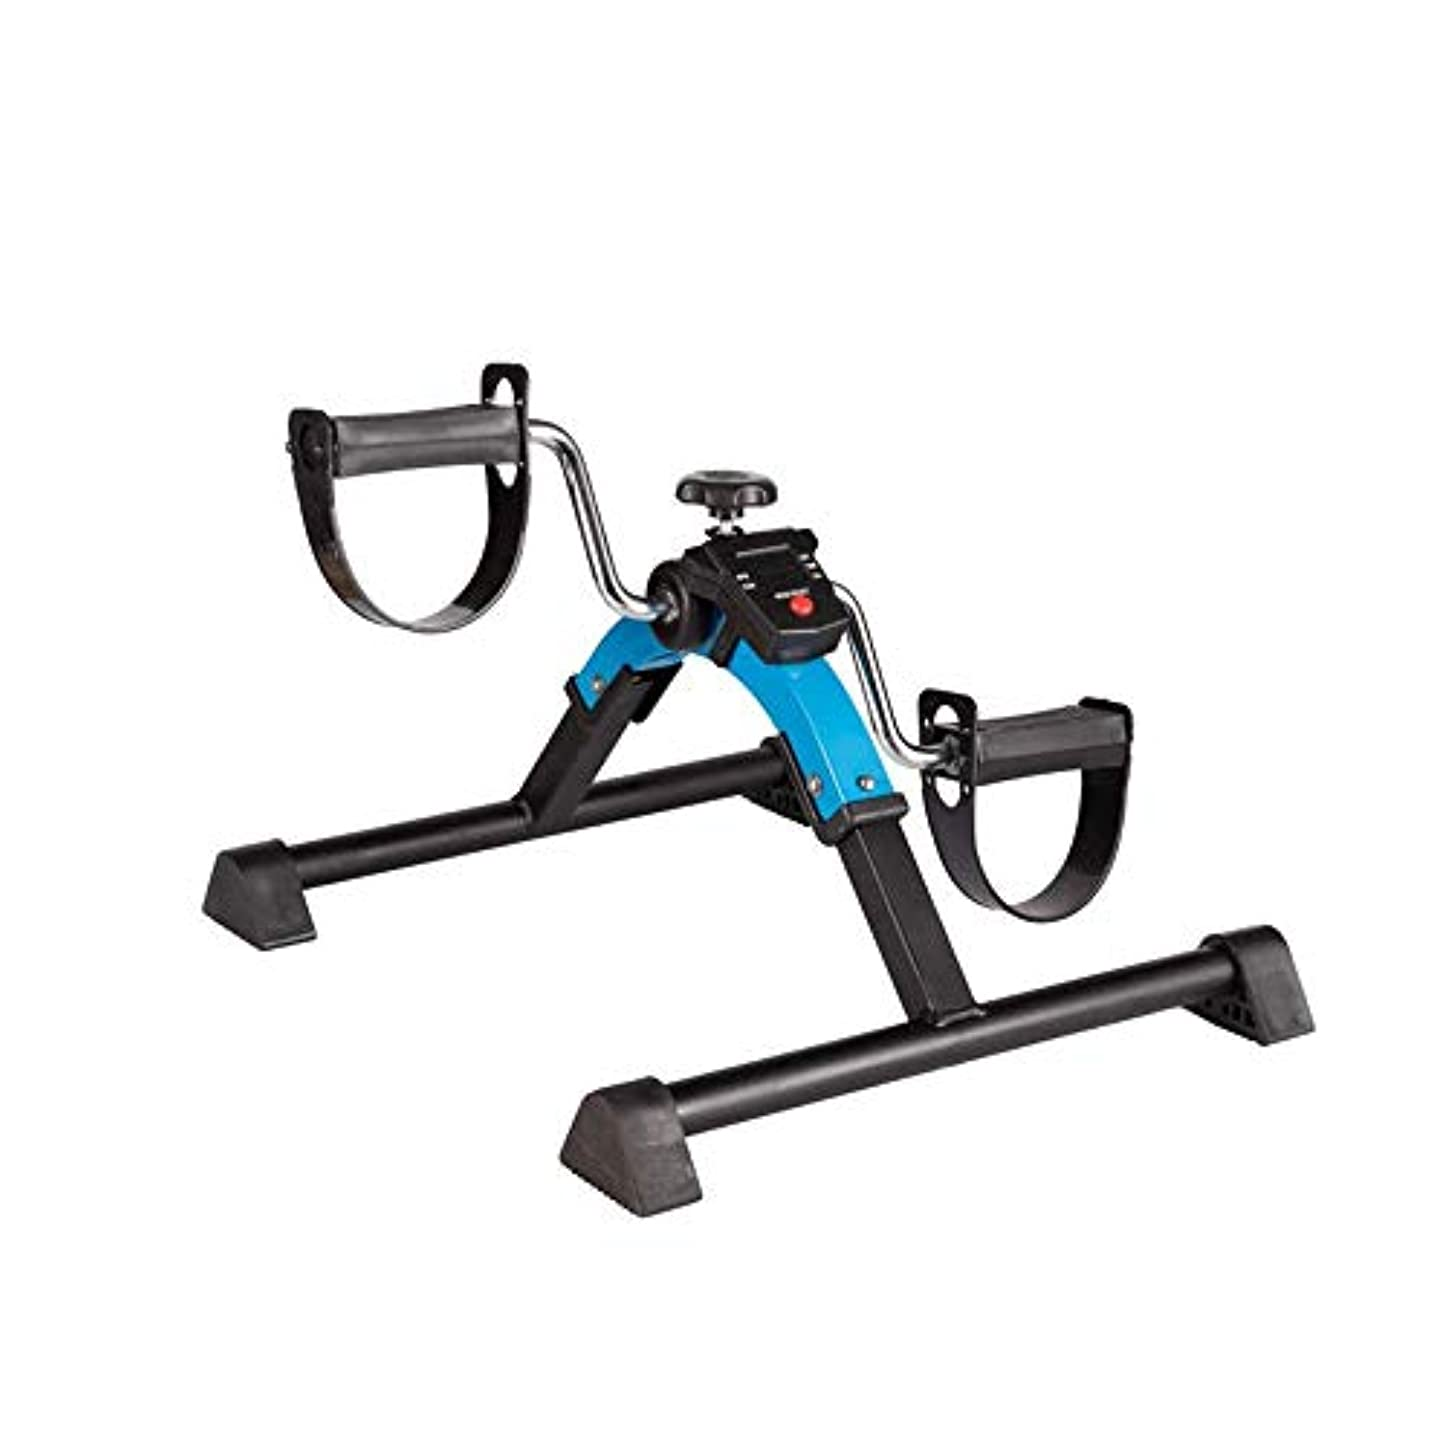 微視的変形歩き回る上肢および下肢エクササイズペダル、レッグマシン、リハビリトレーニング機器、脳卒中、片麻痺、手足、二重使用自転車